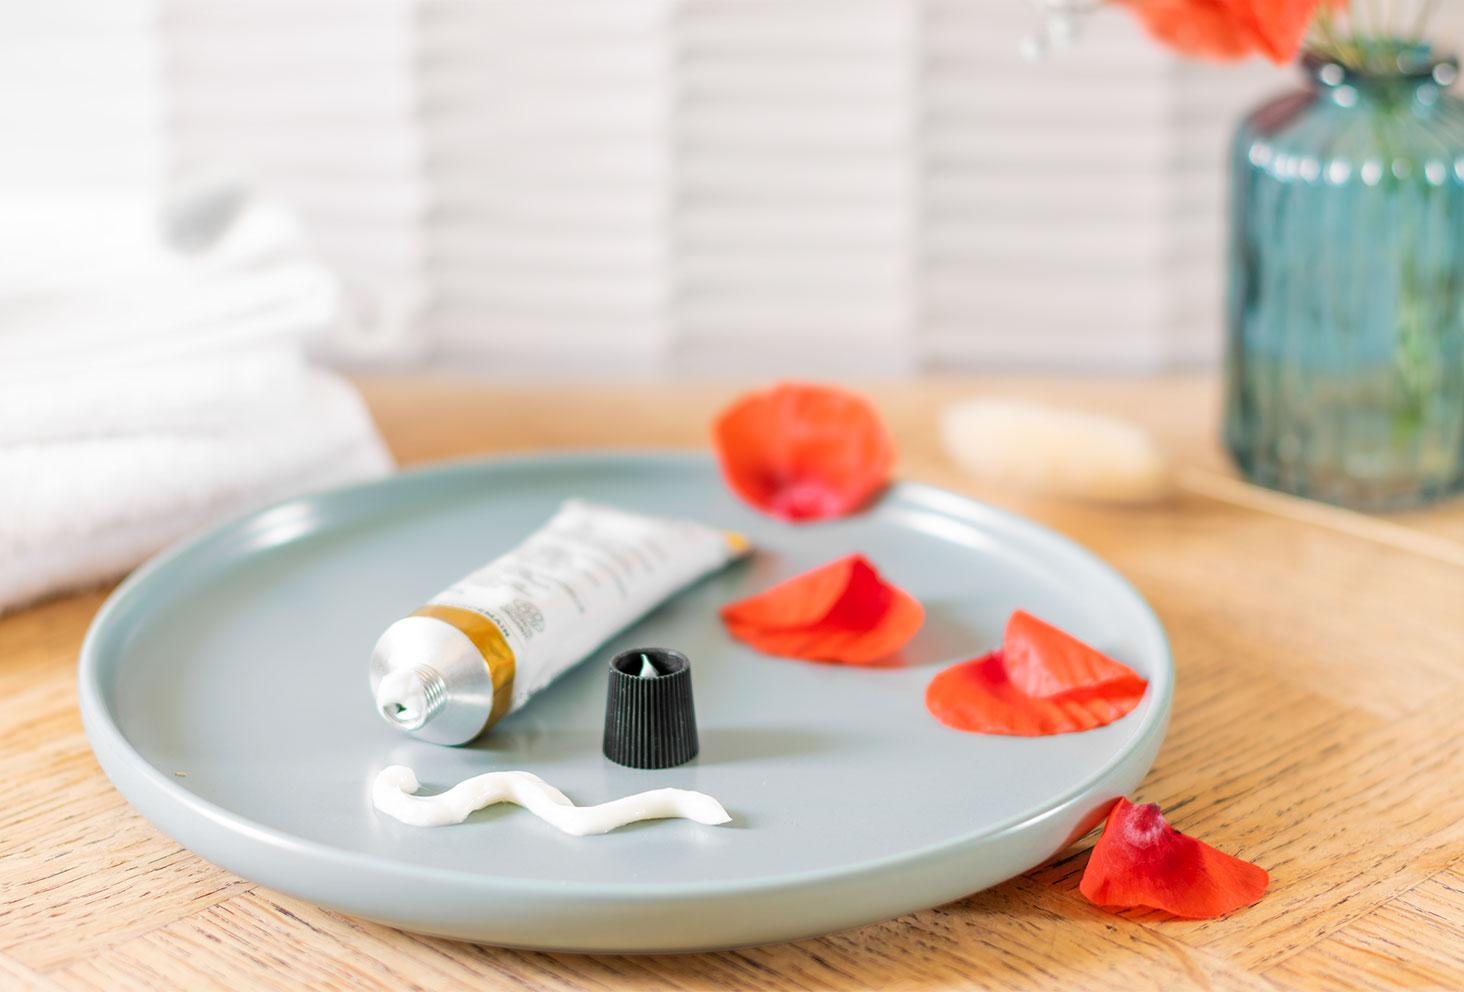 La texture du soin visage Go For Protection dans une assiette verte au milieu de pétales de coquelicots